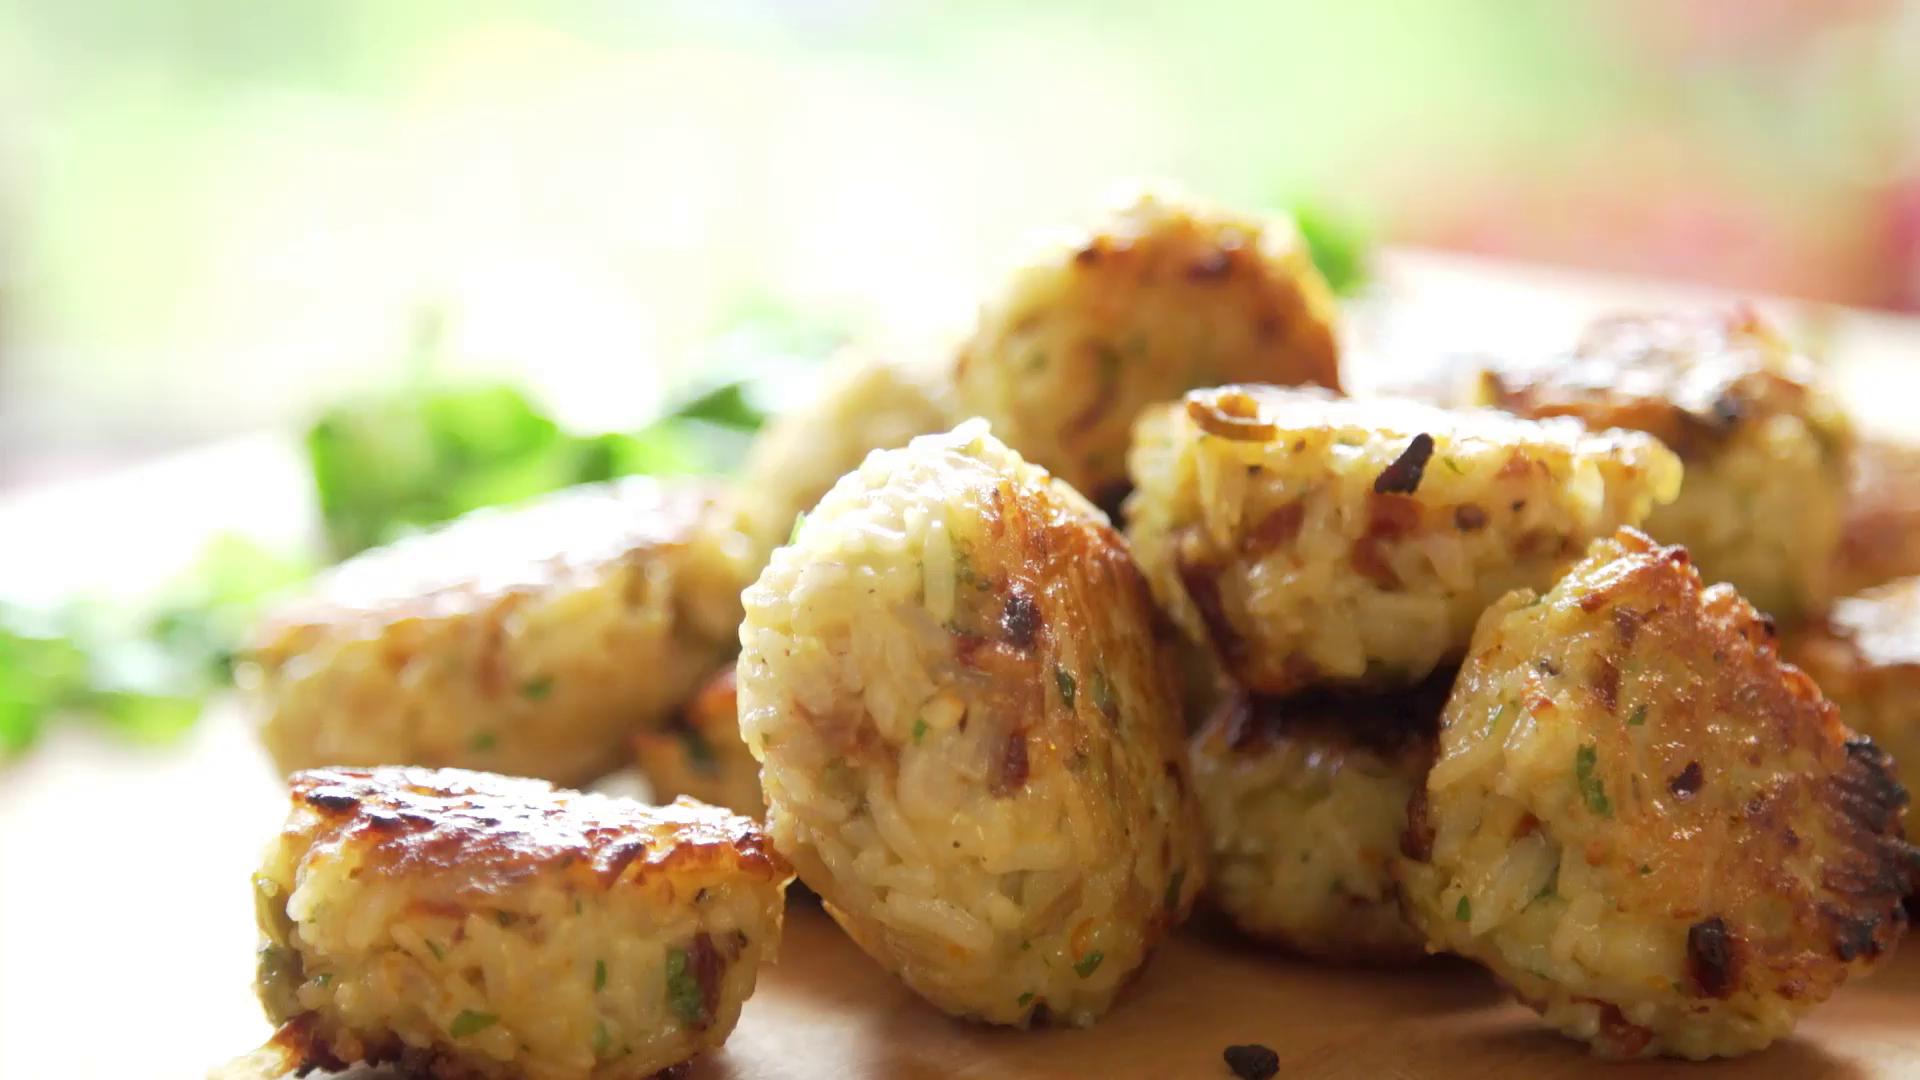 Tastemade | Émissions de cuisine et de voyages, recettes, vidéos